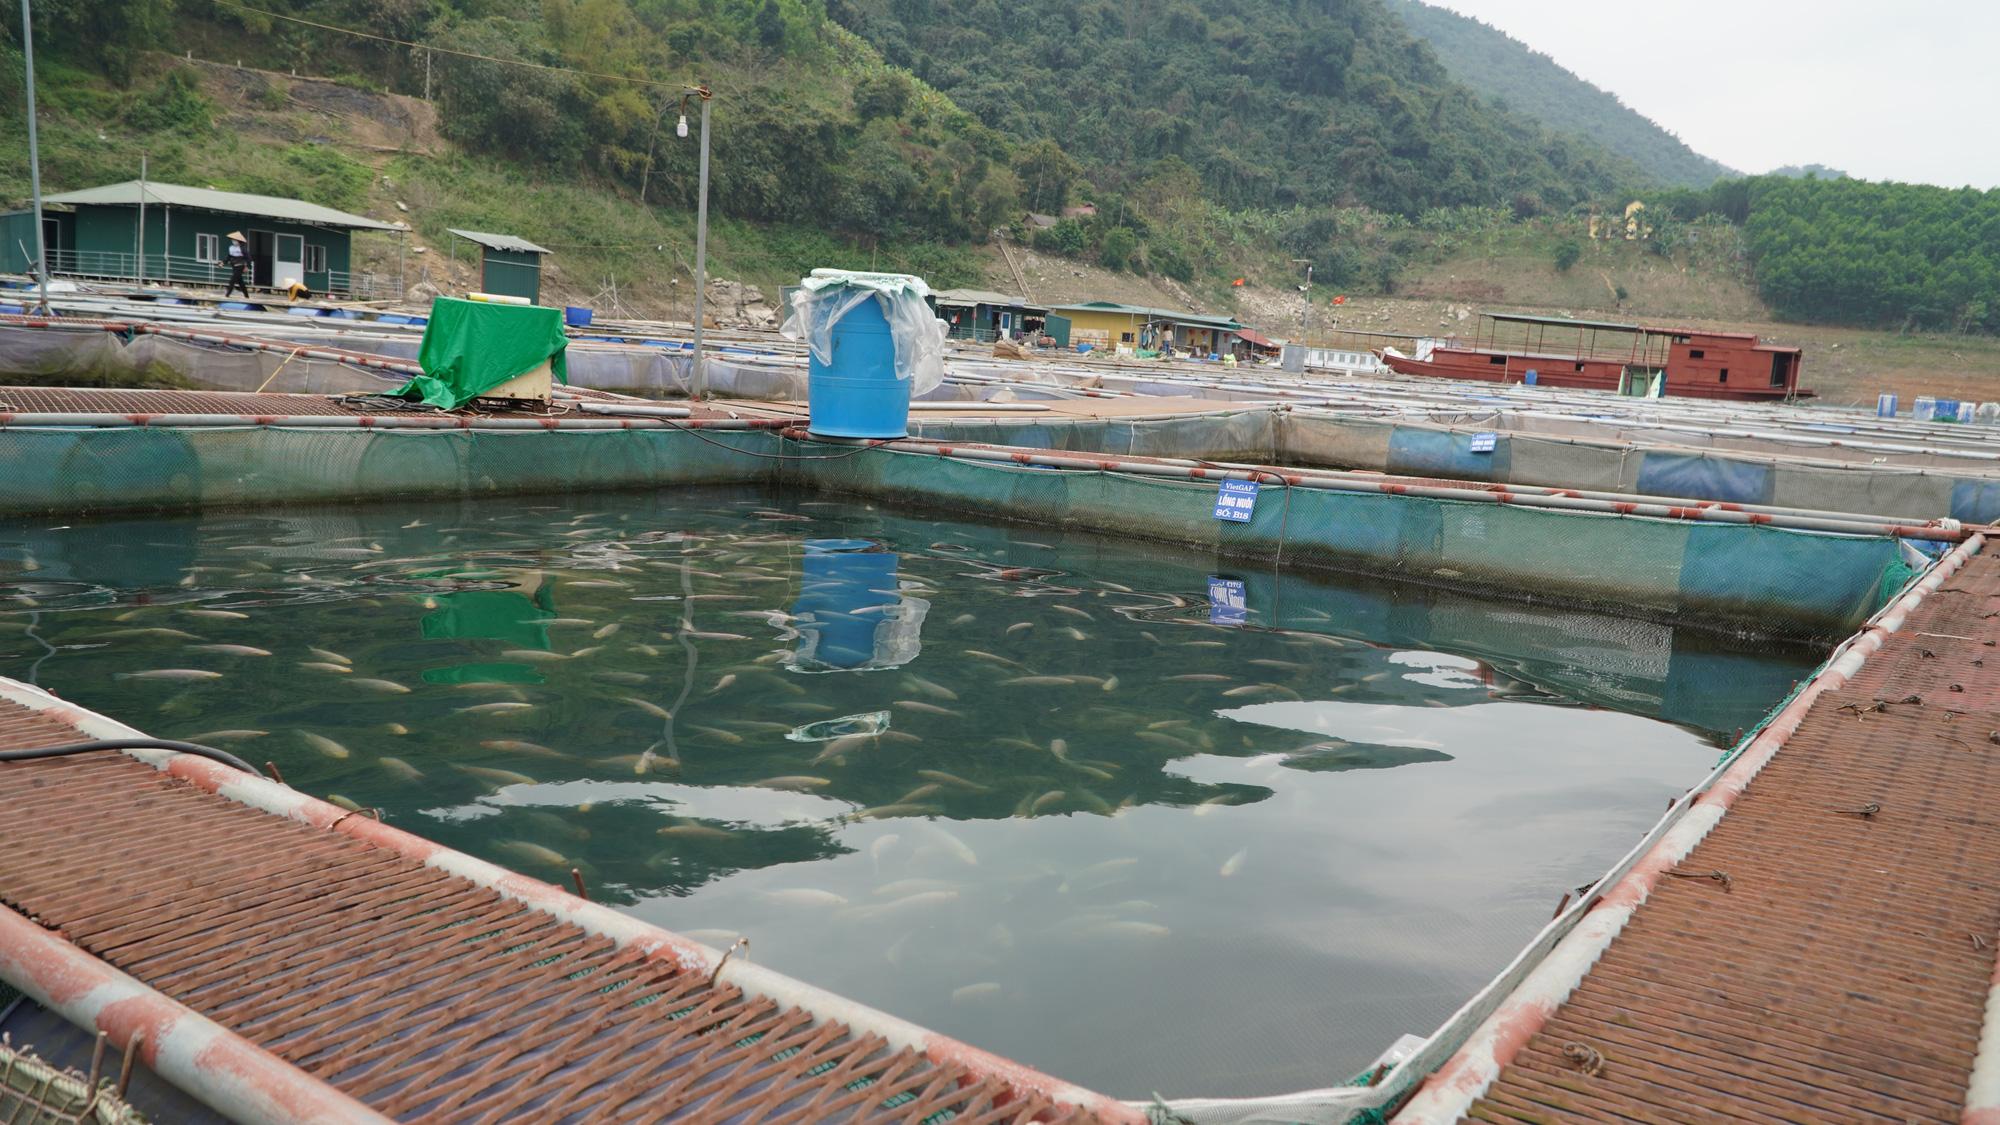 Kỹ thuật nuôi cá Diêu Hồng trong lồng hiệu quả nhất - Ảnh 4.